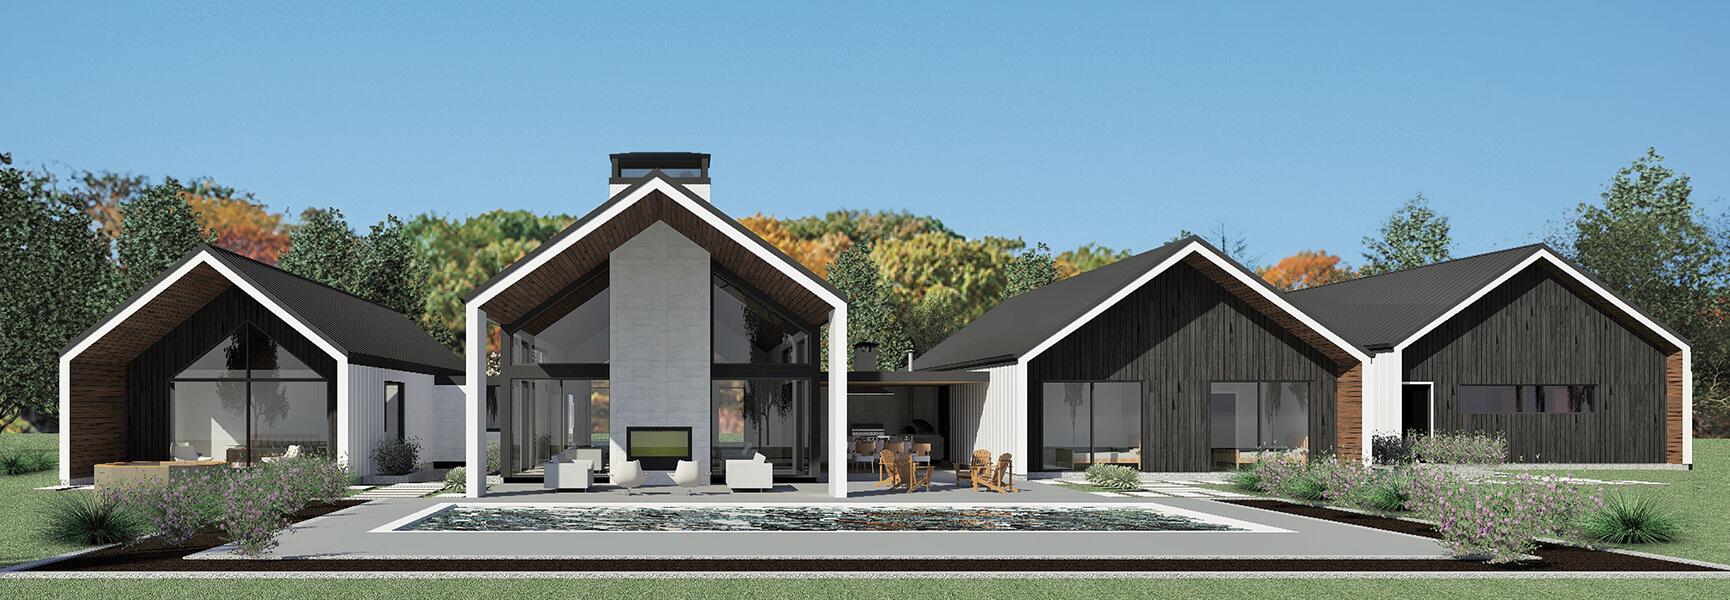 Modern Large Window Home Rendering